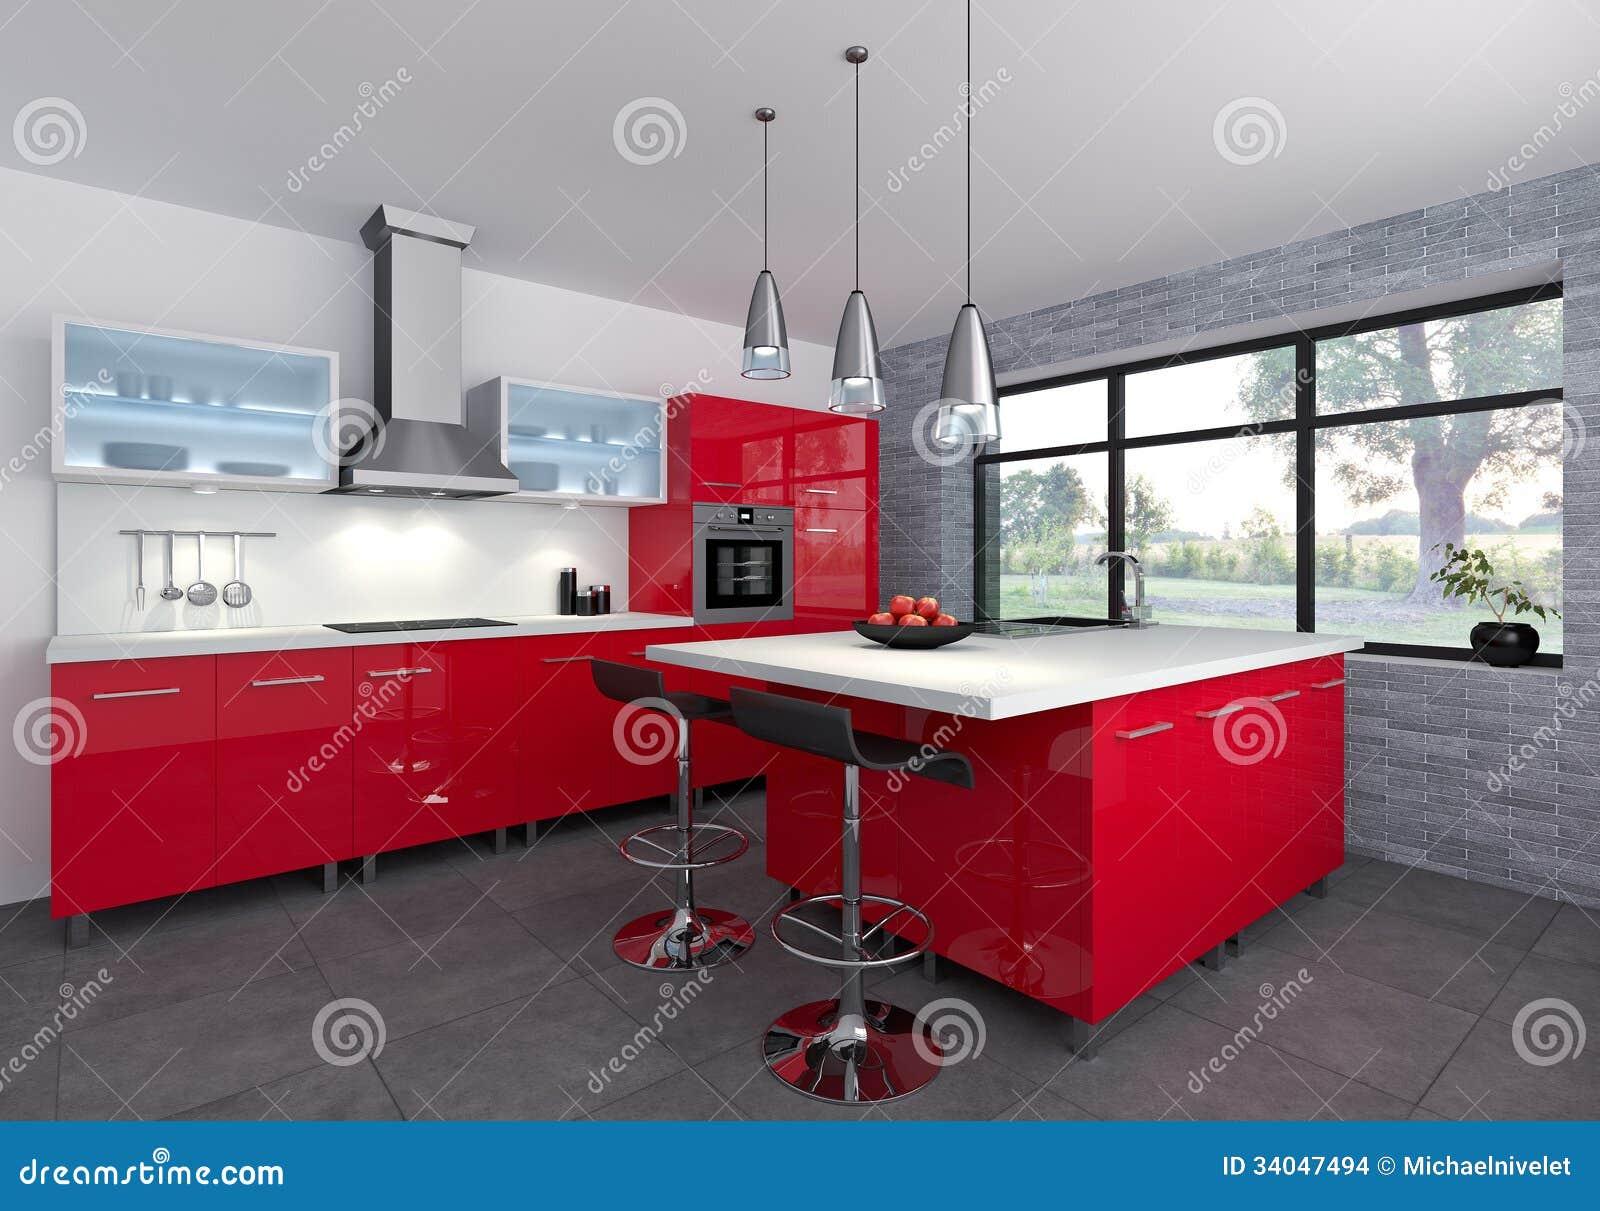 Rode keuken stock afbeeldingen   afbeelding: 34047494